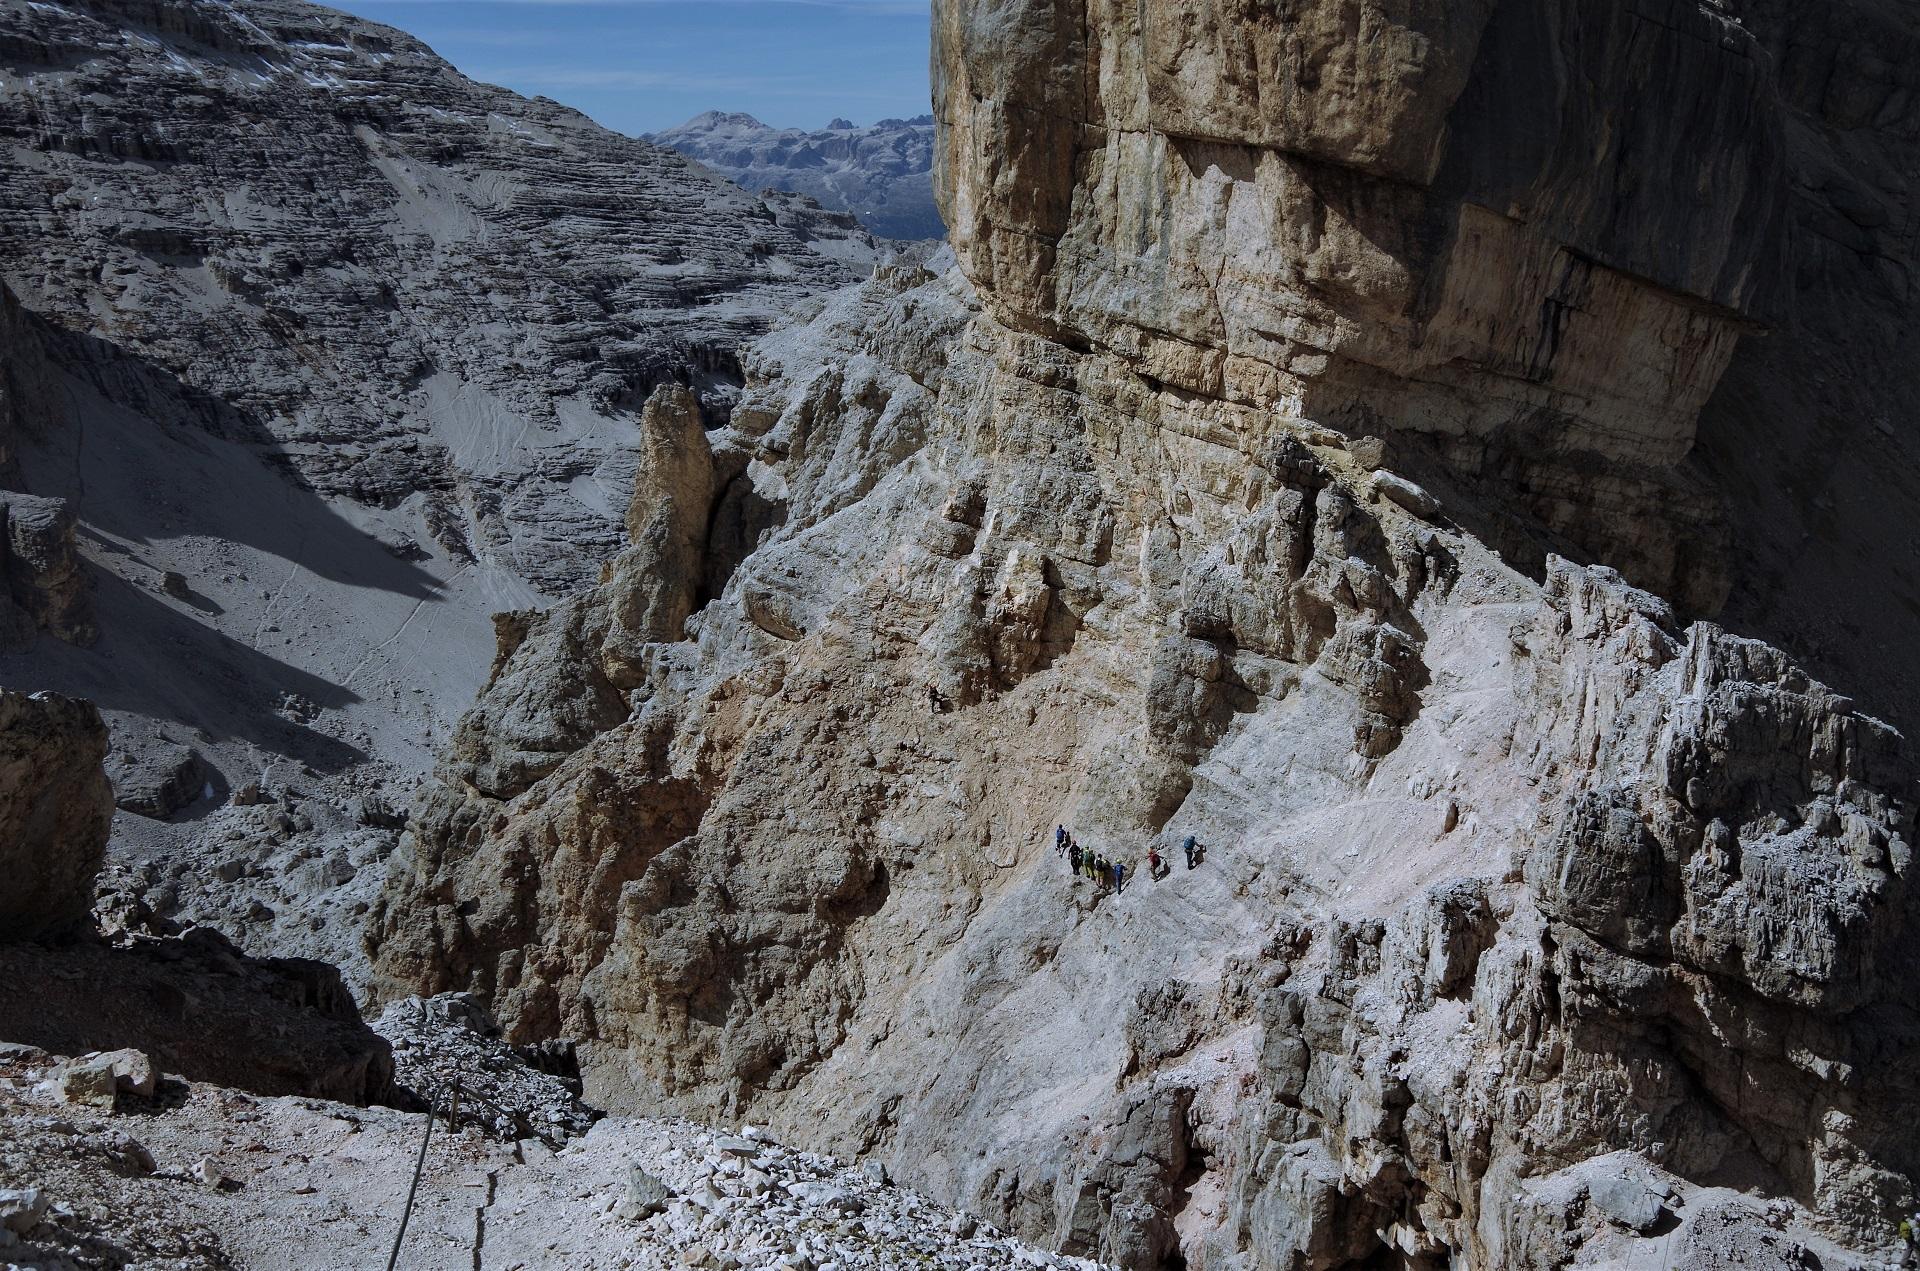 Zaraz za Bus di Tofanan trzeba przejść pomiędzy skałami - tutaj większa grupa pokonuje odcinek